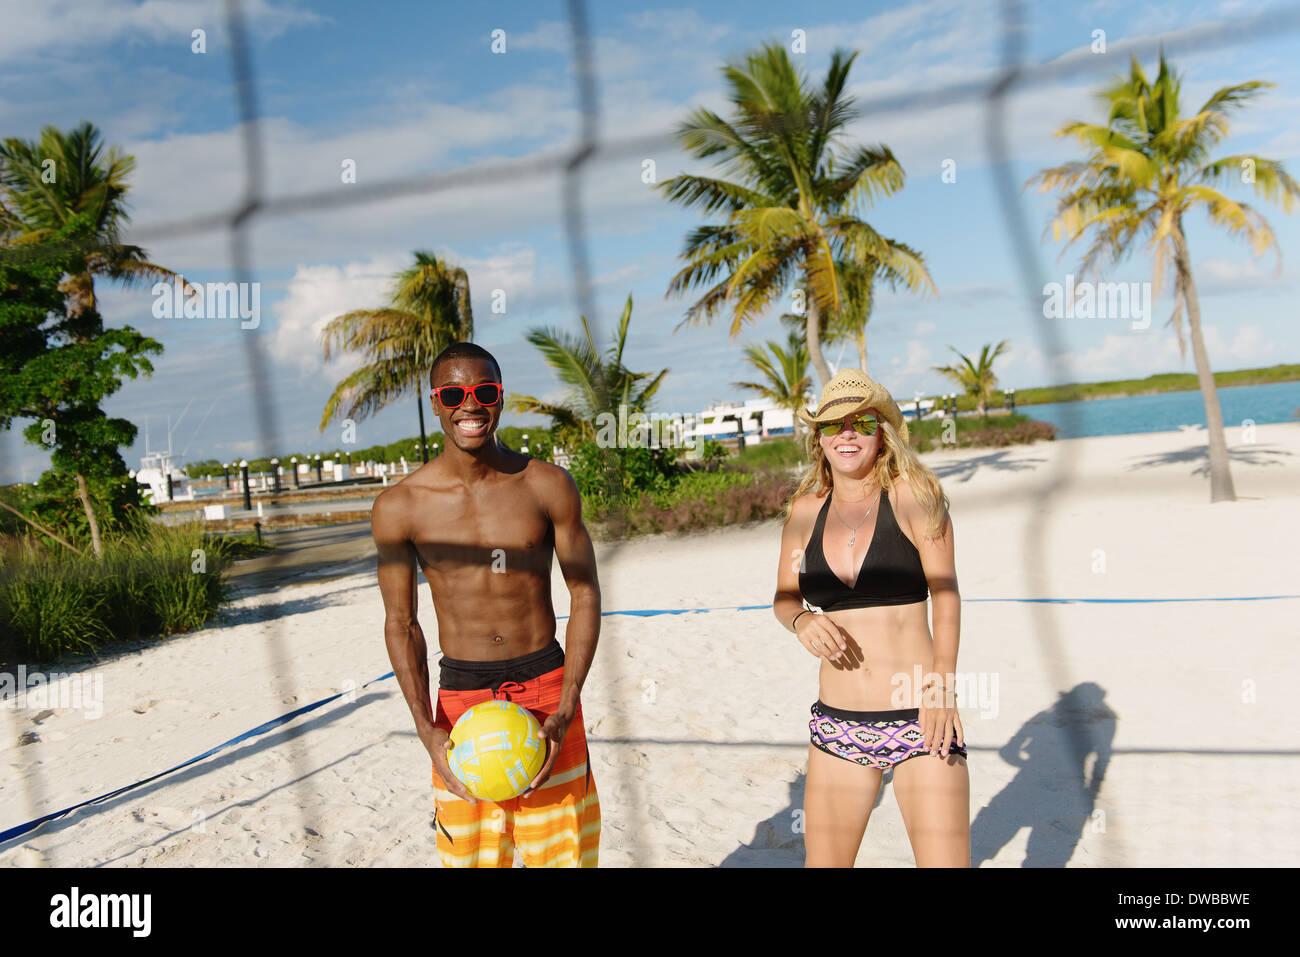 Zwei junge Erwachsene Freunde spielen Beach-Volleyball, Providenciales, Turks-und Caicosinseln, Caribbean Stockbild